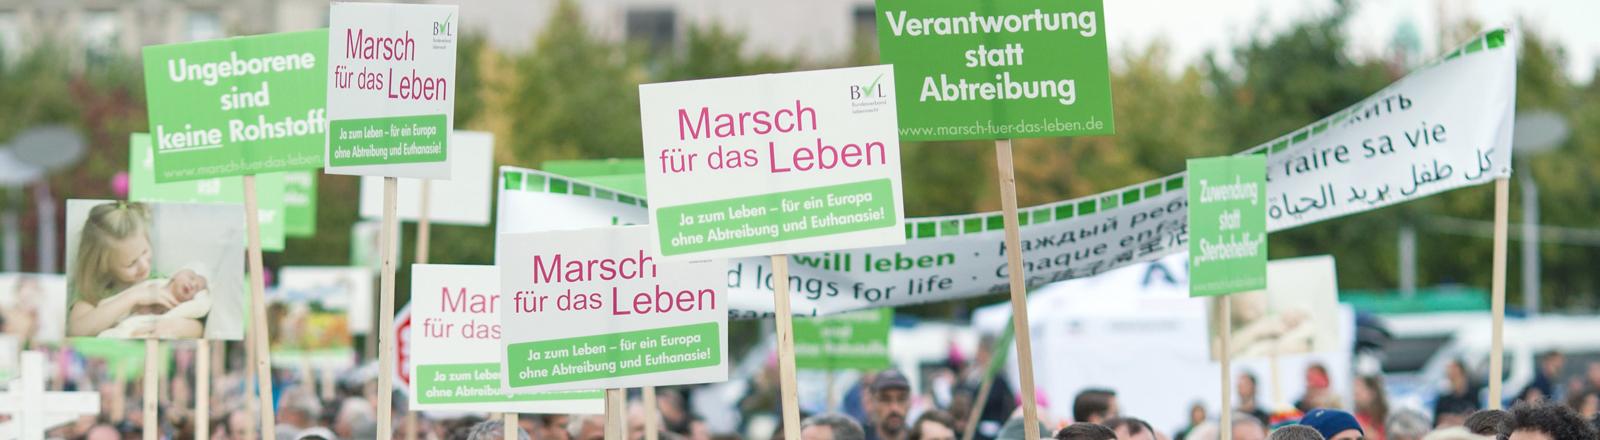 """Demo """"Marsch für das leben"""""""